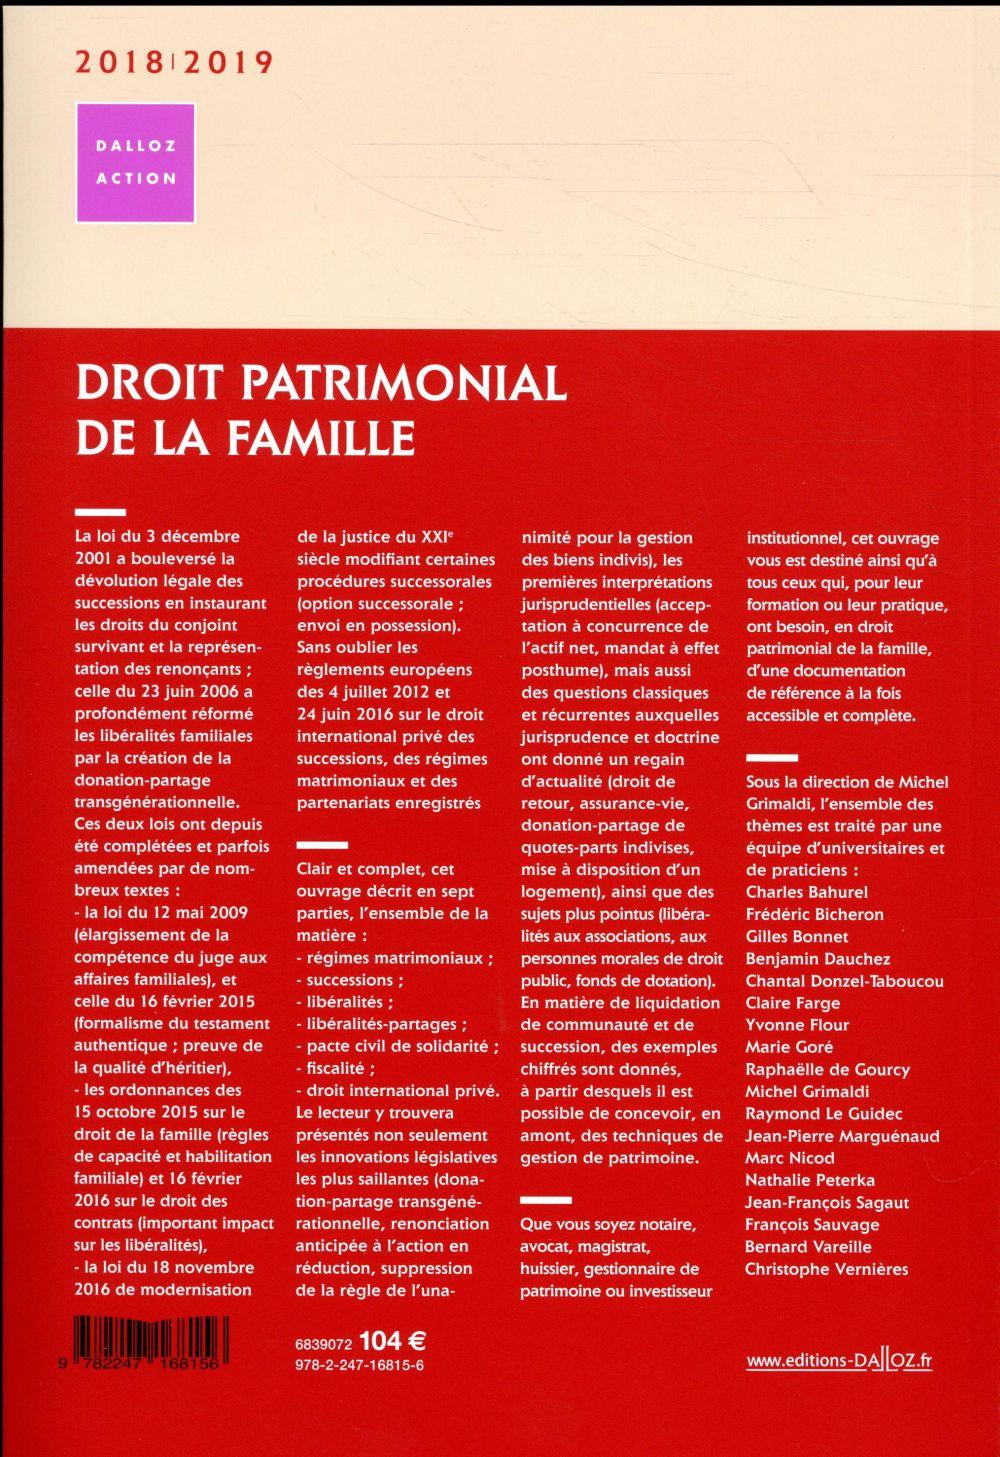 Droit patrimonial de la famille (édition 2018/2019)